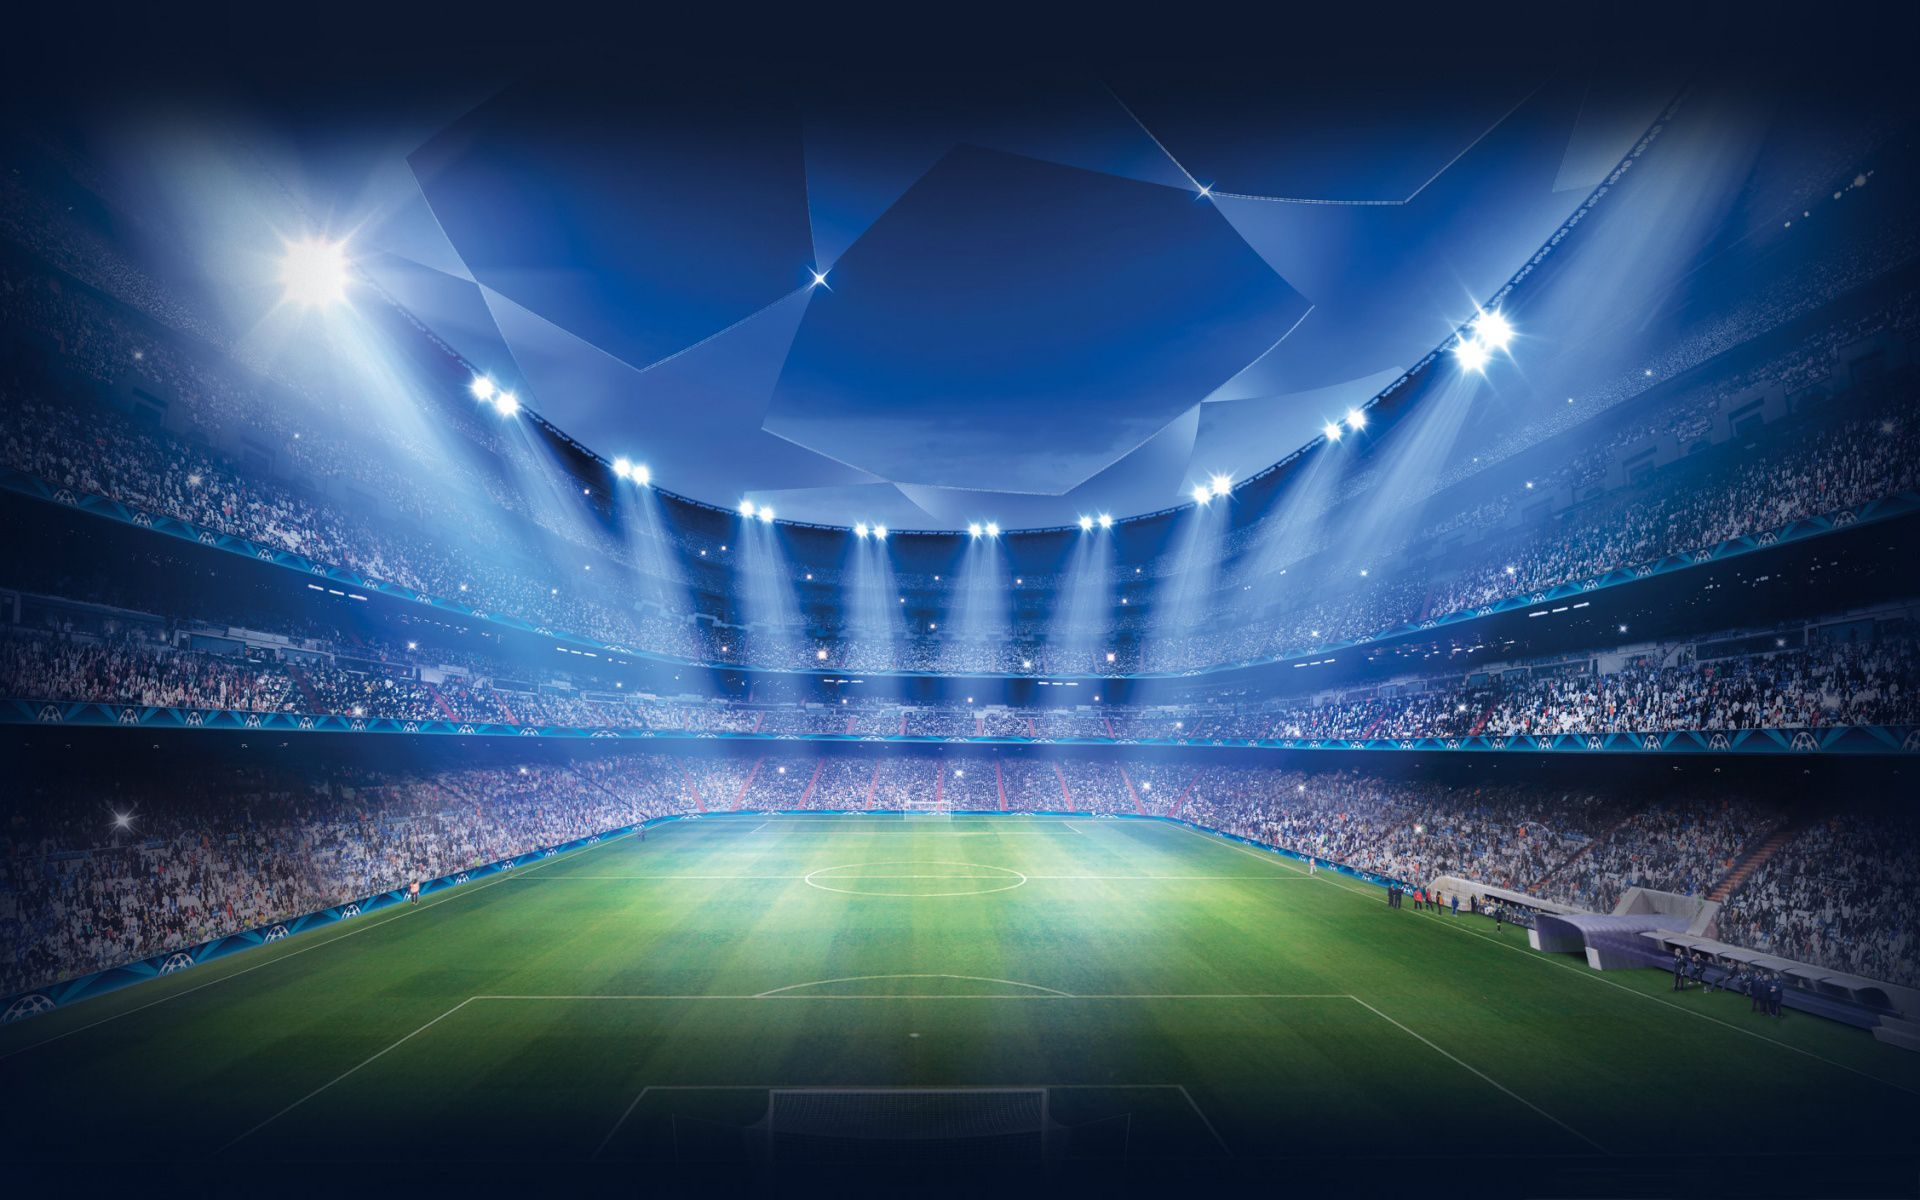 Lights turned off football stadium clipart clipart free American Football Stadium Nightfootball Stadium D Hd Wallpapers Xpx ... clipart free